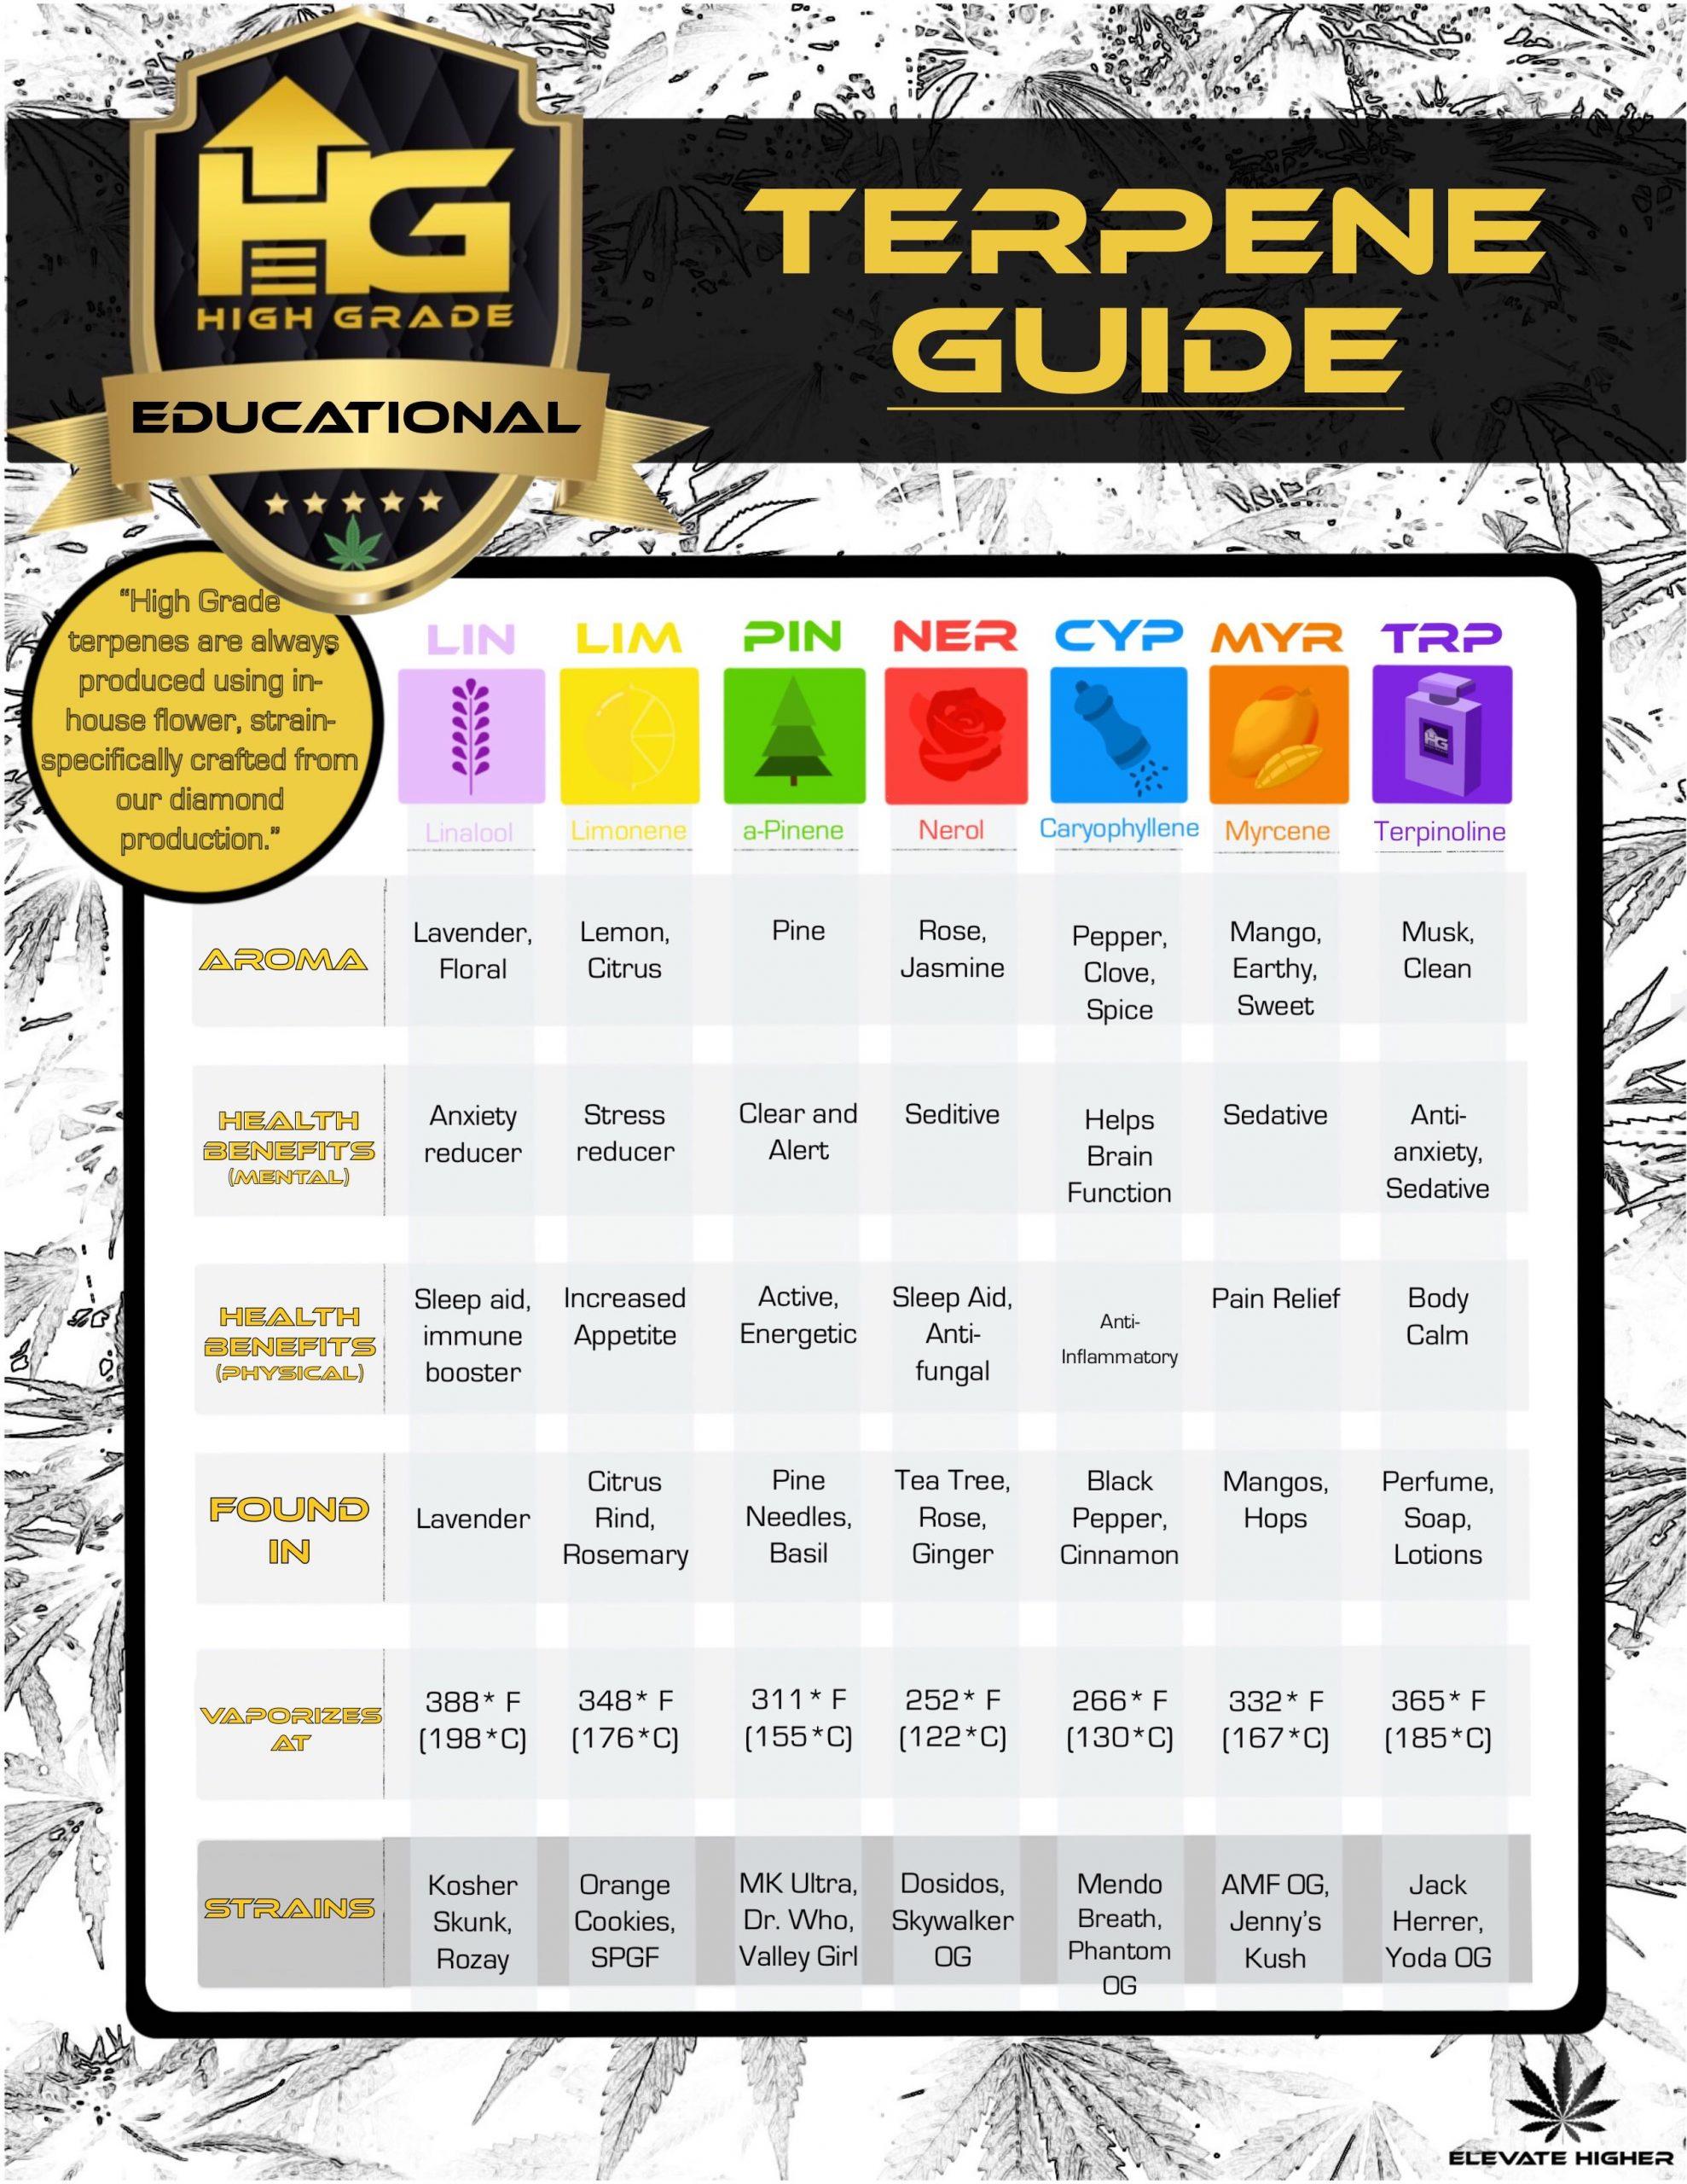 Terpene Guide